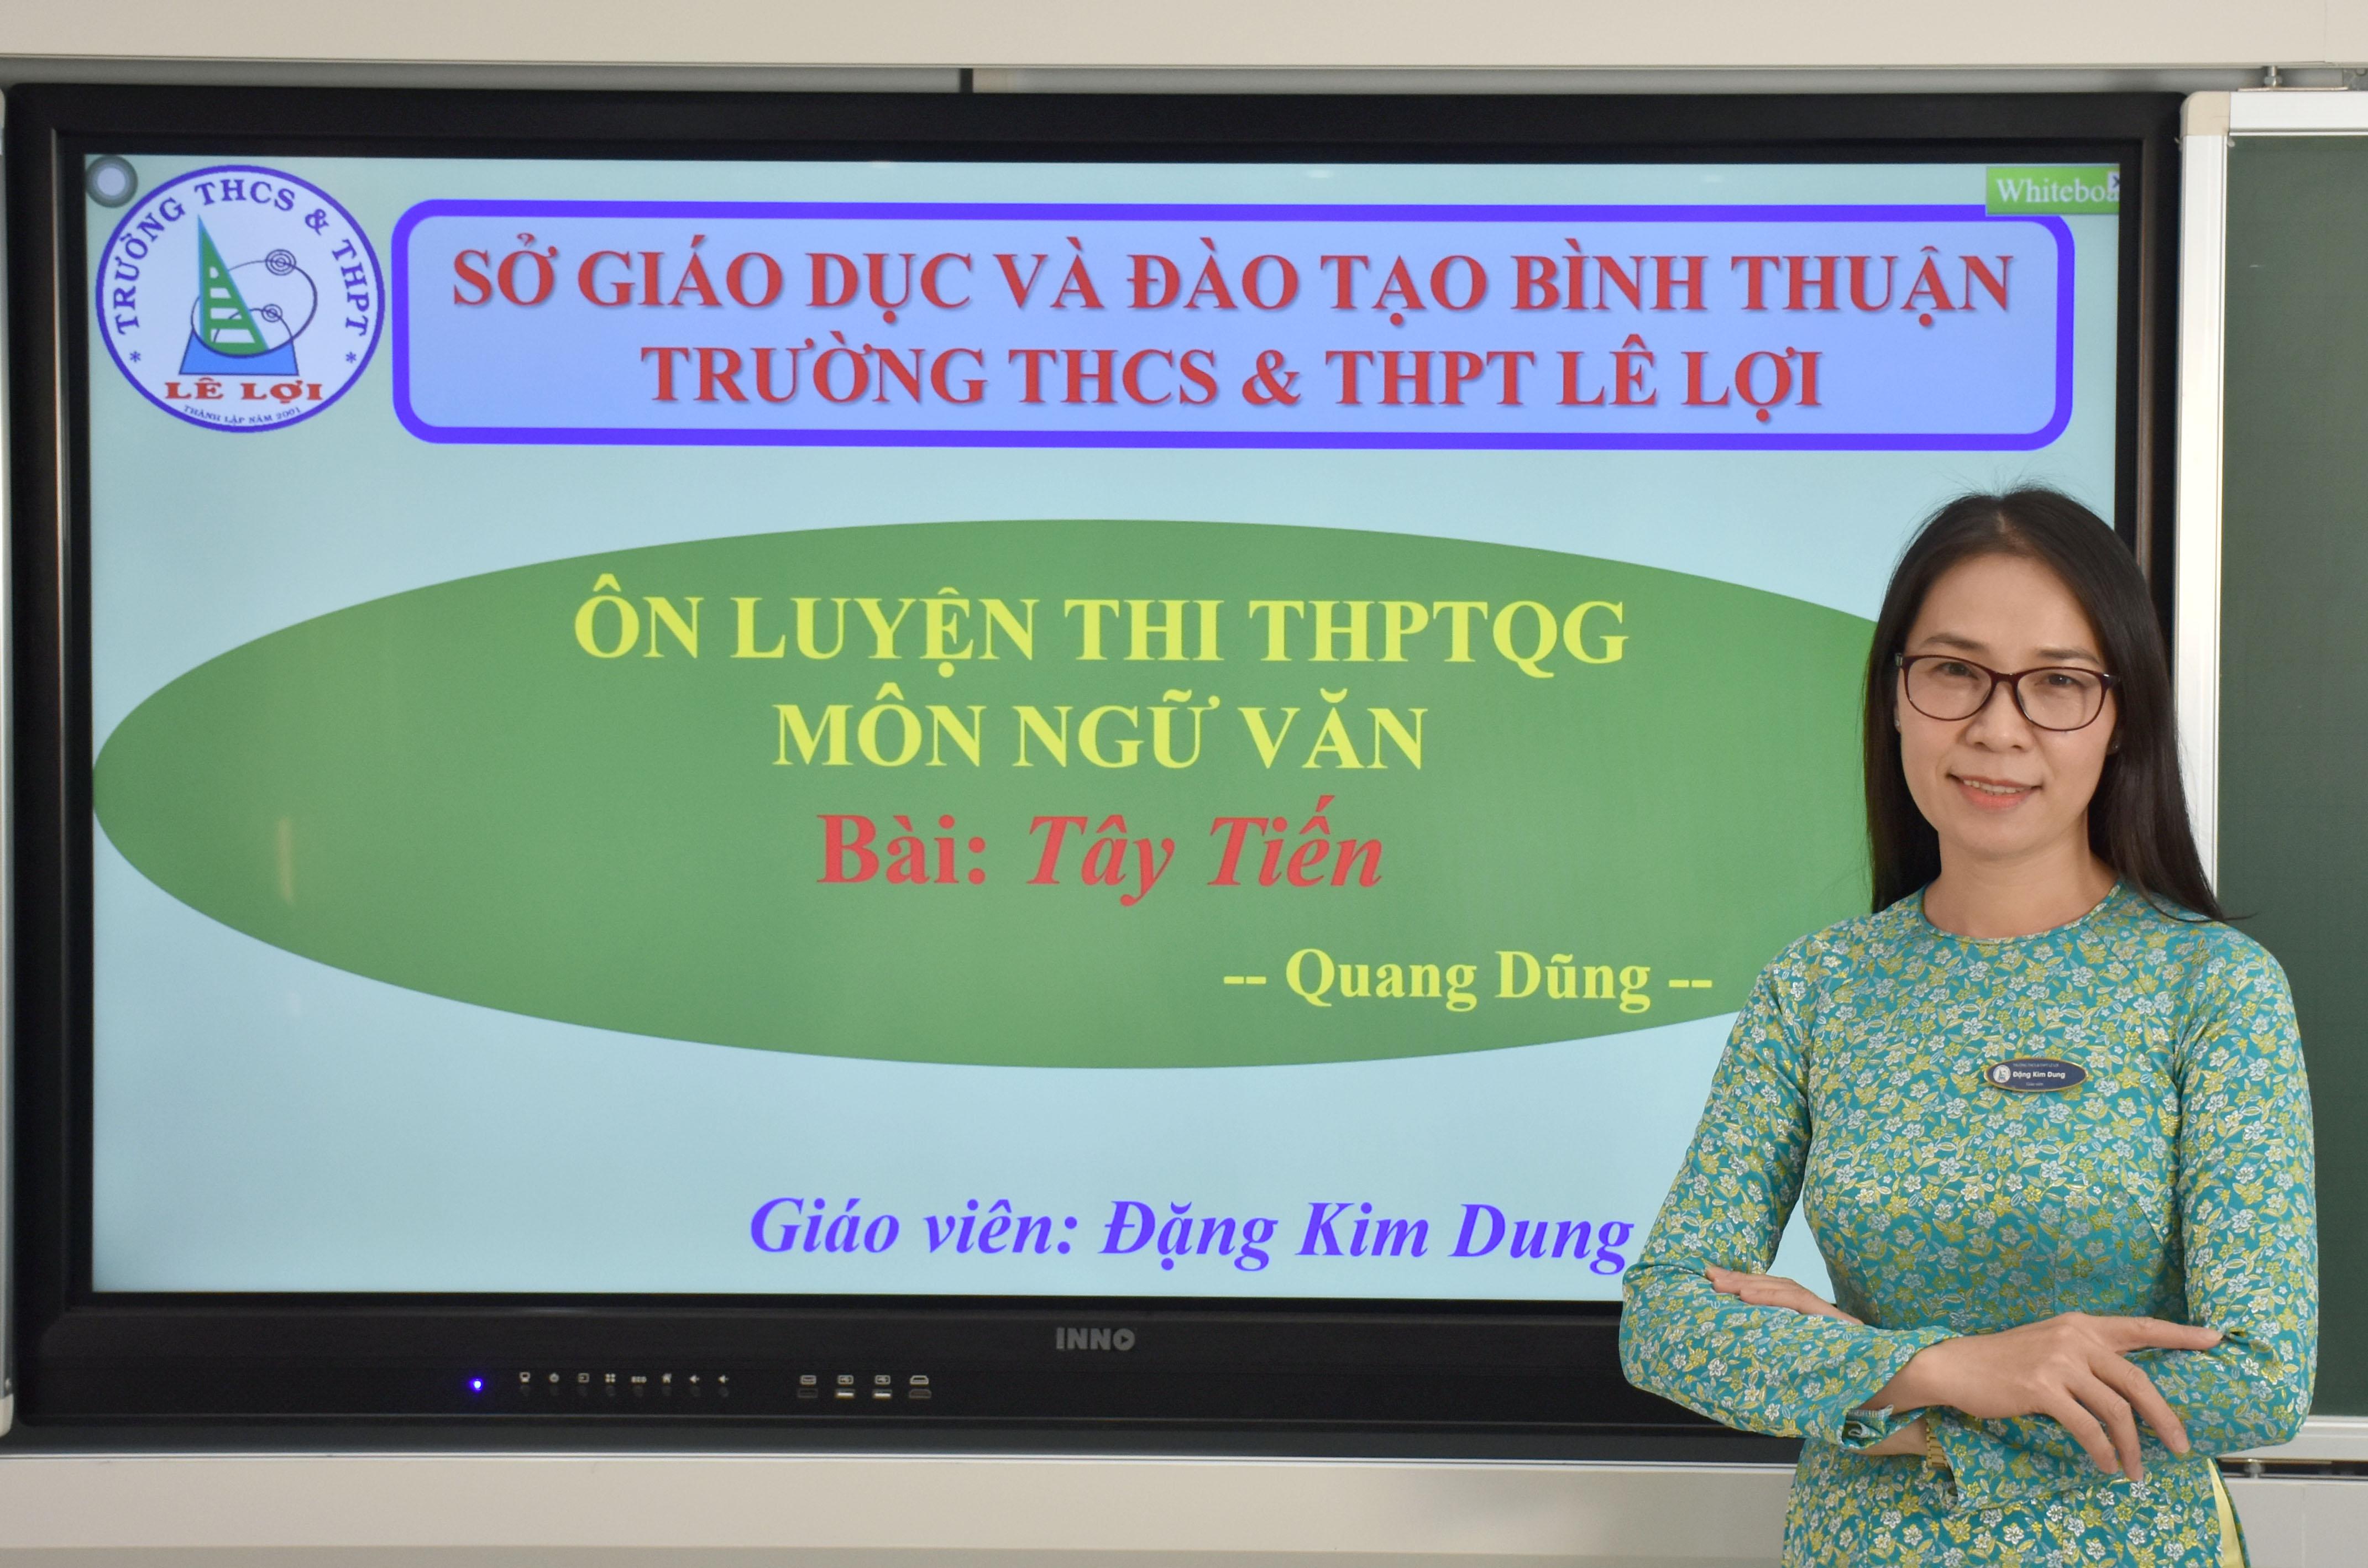 Khối lớp 12 - Tây Tiến-Quang Dũng - Cô Đặng Kim Dung